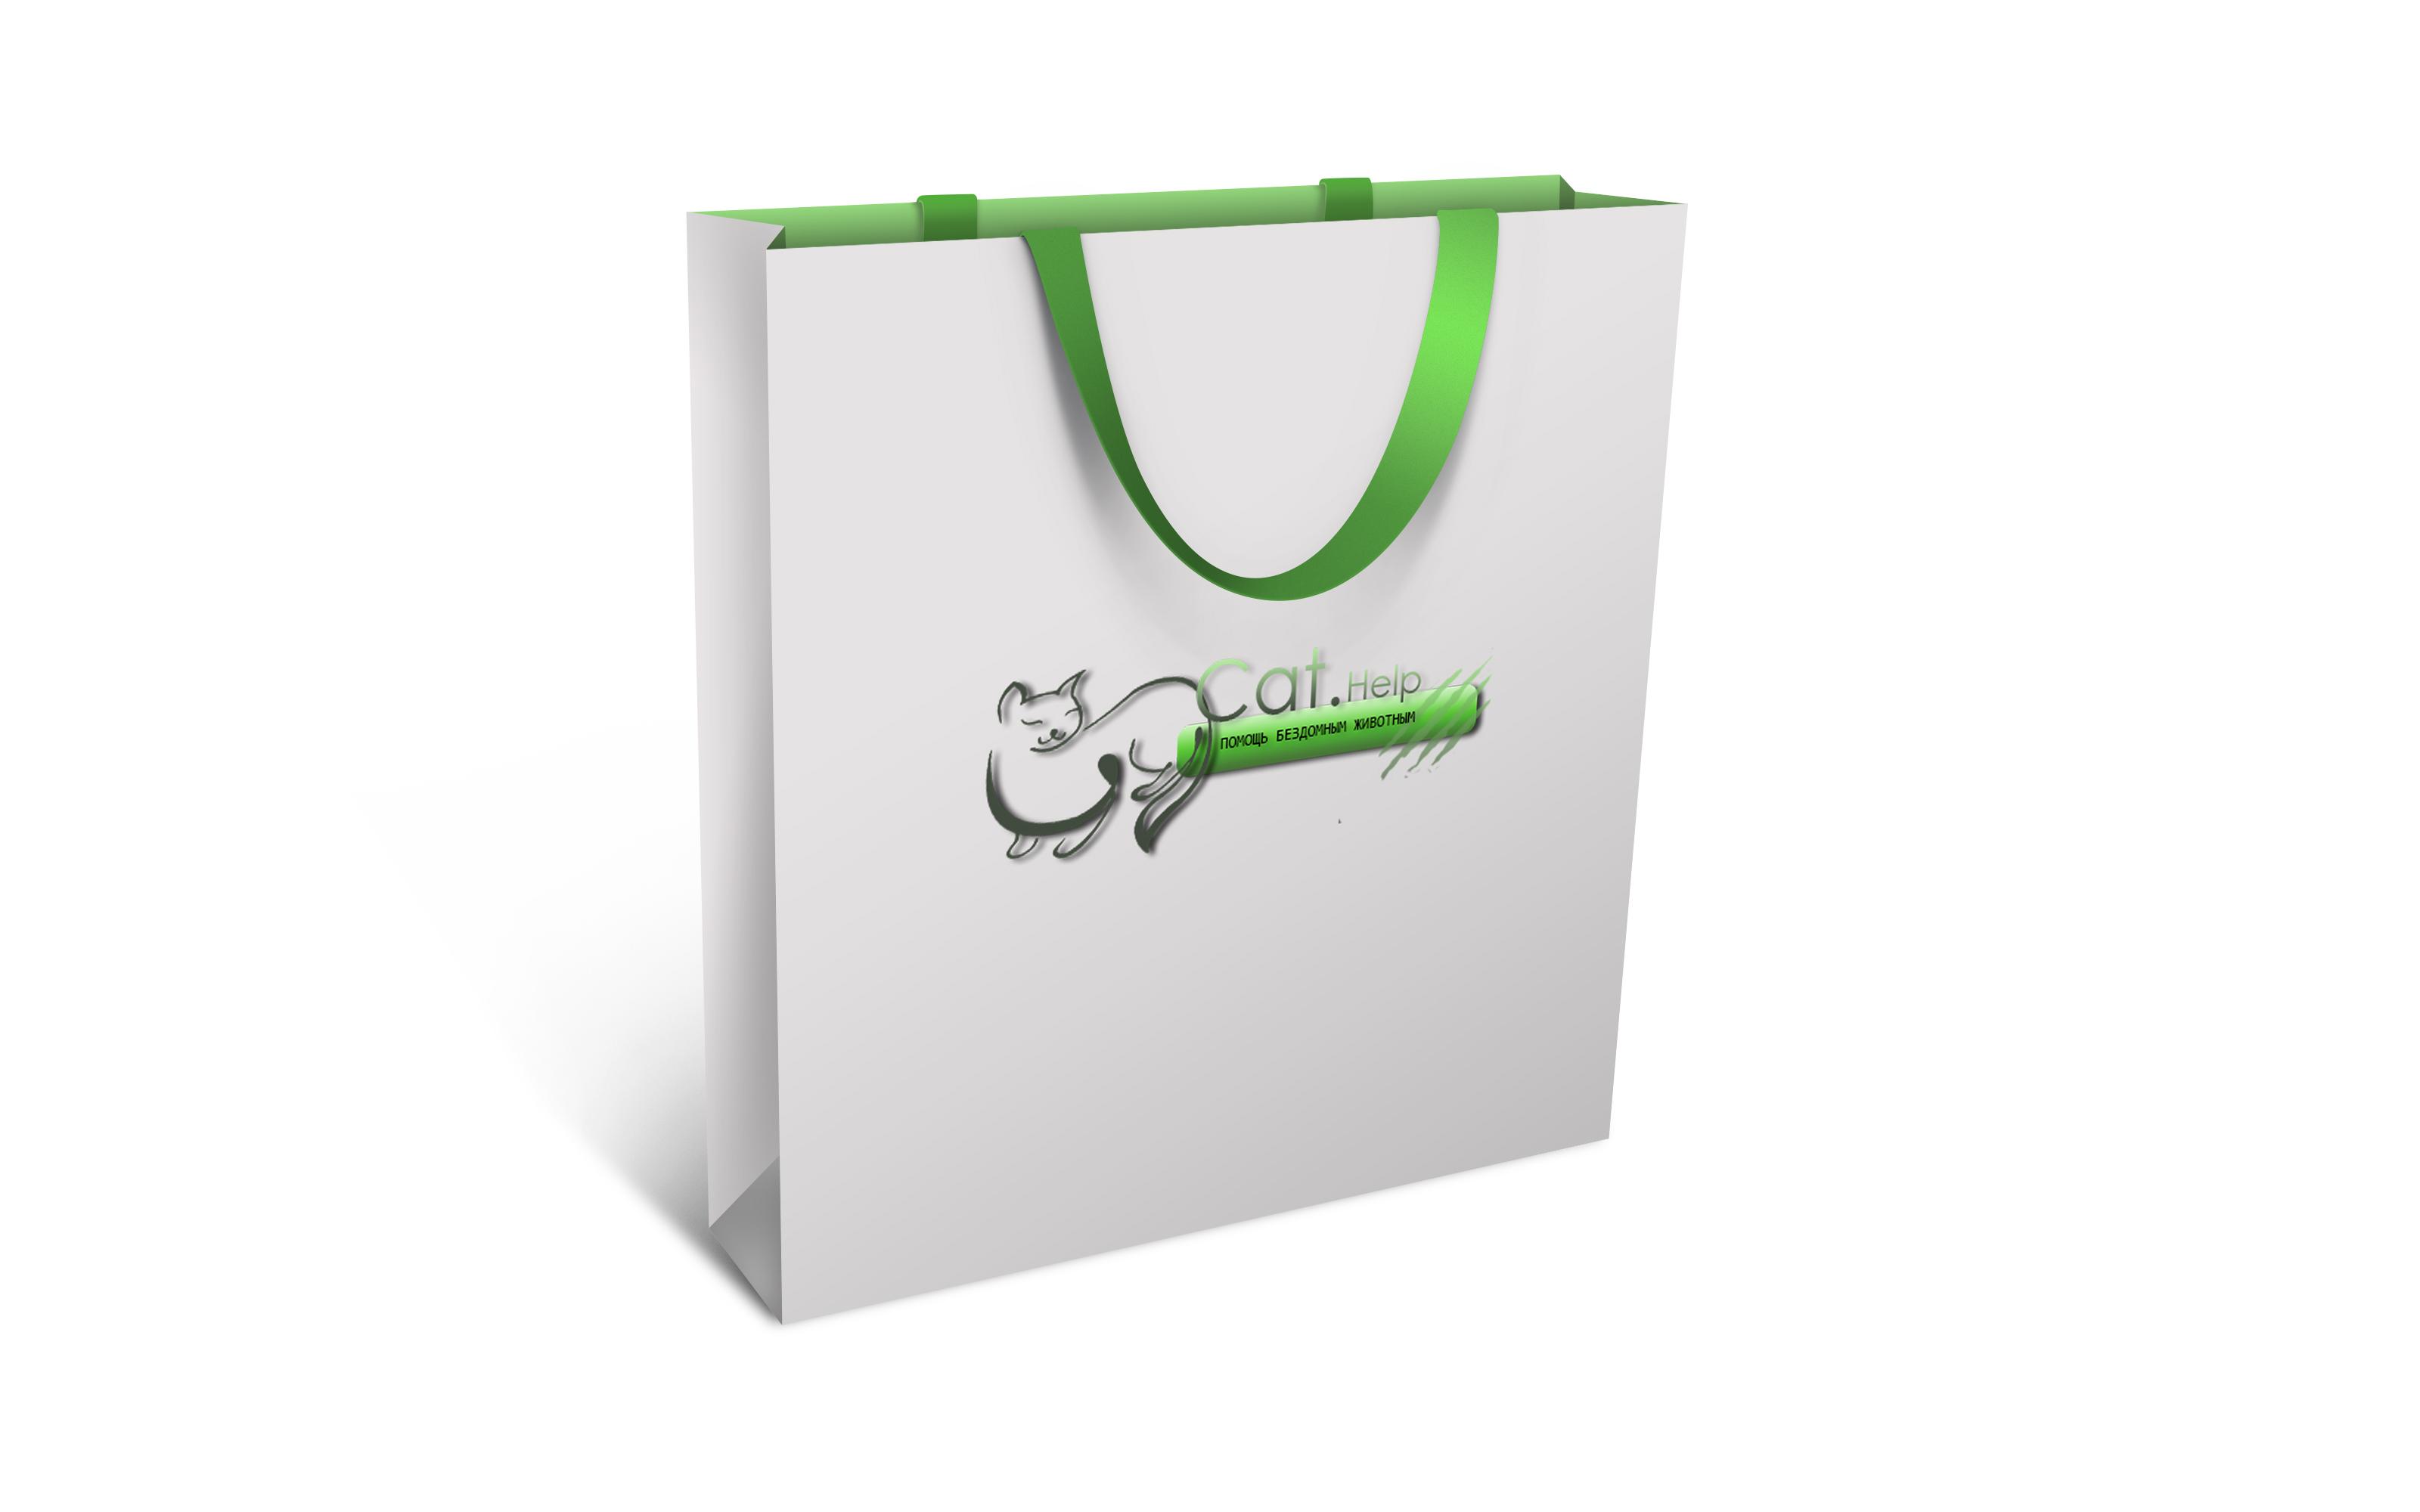 логотип для сайта и группы вк - cat.help фото f_34659dc64b45c5b3.jpg